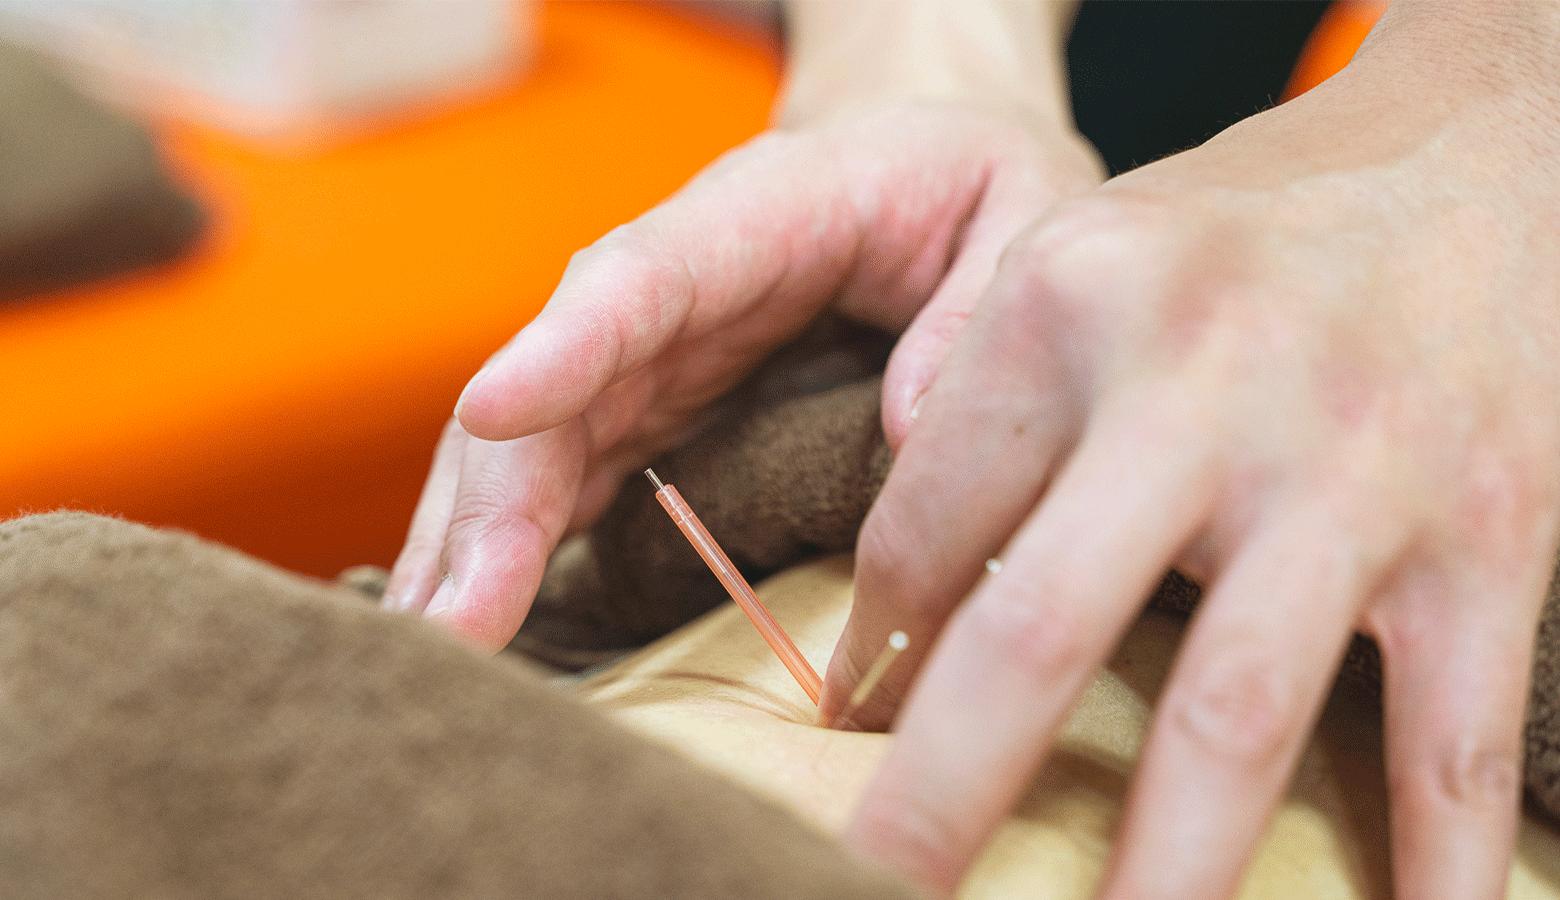 デイサービスで施術する鍼灸師のイメージ